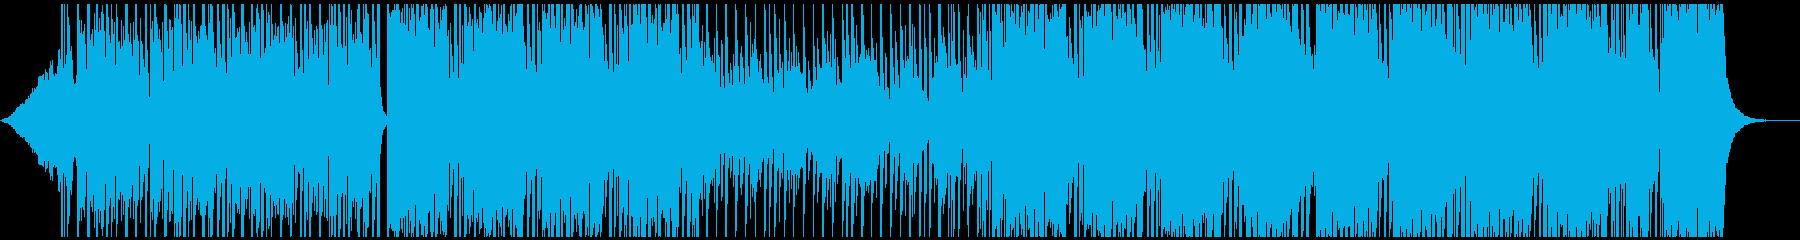 ポップロック 積極的 焦り 燃える...の再生済みの波形